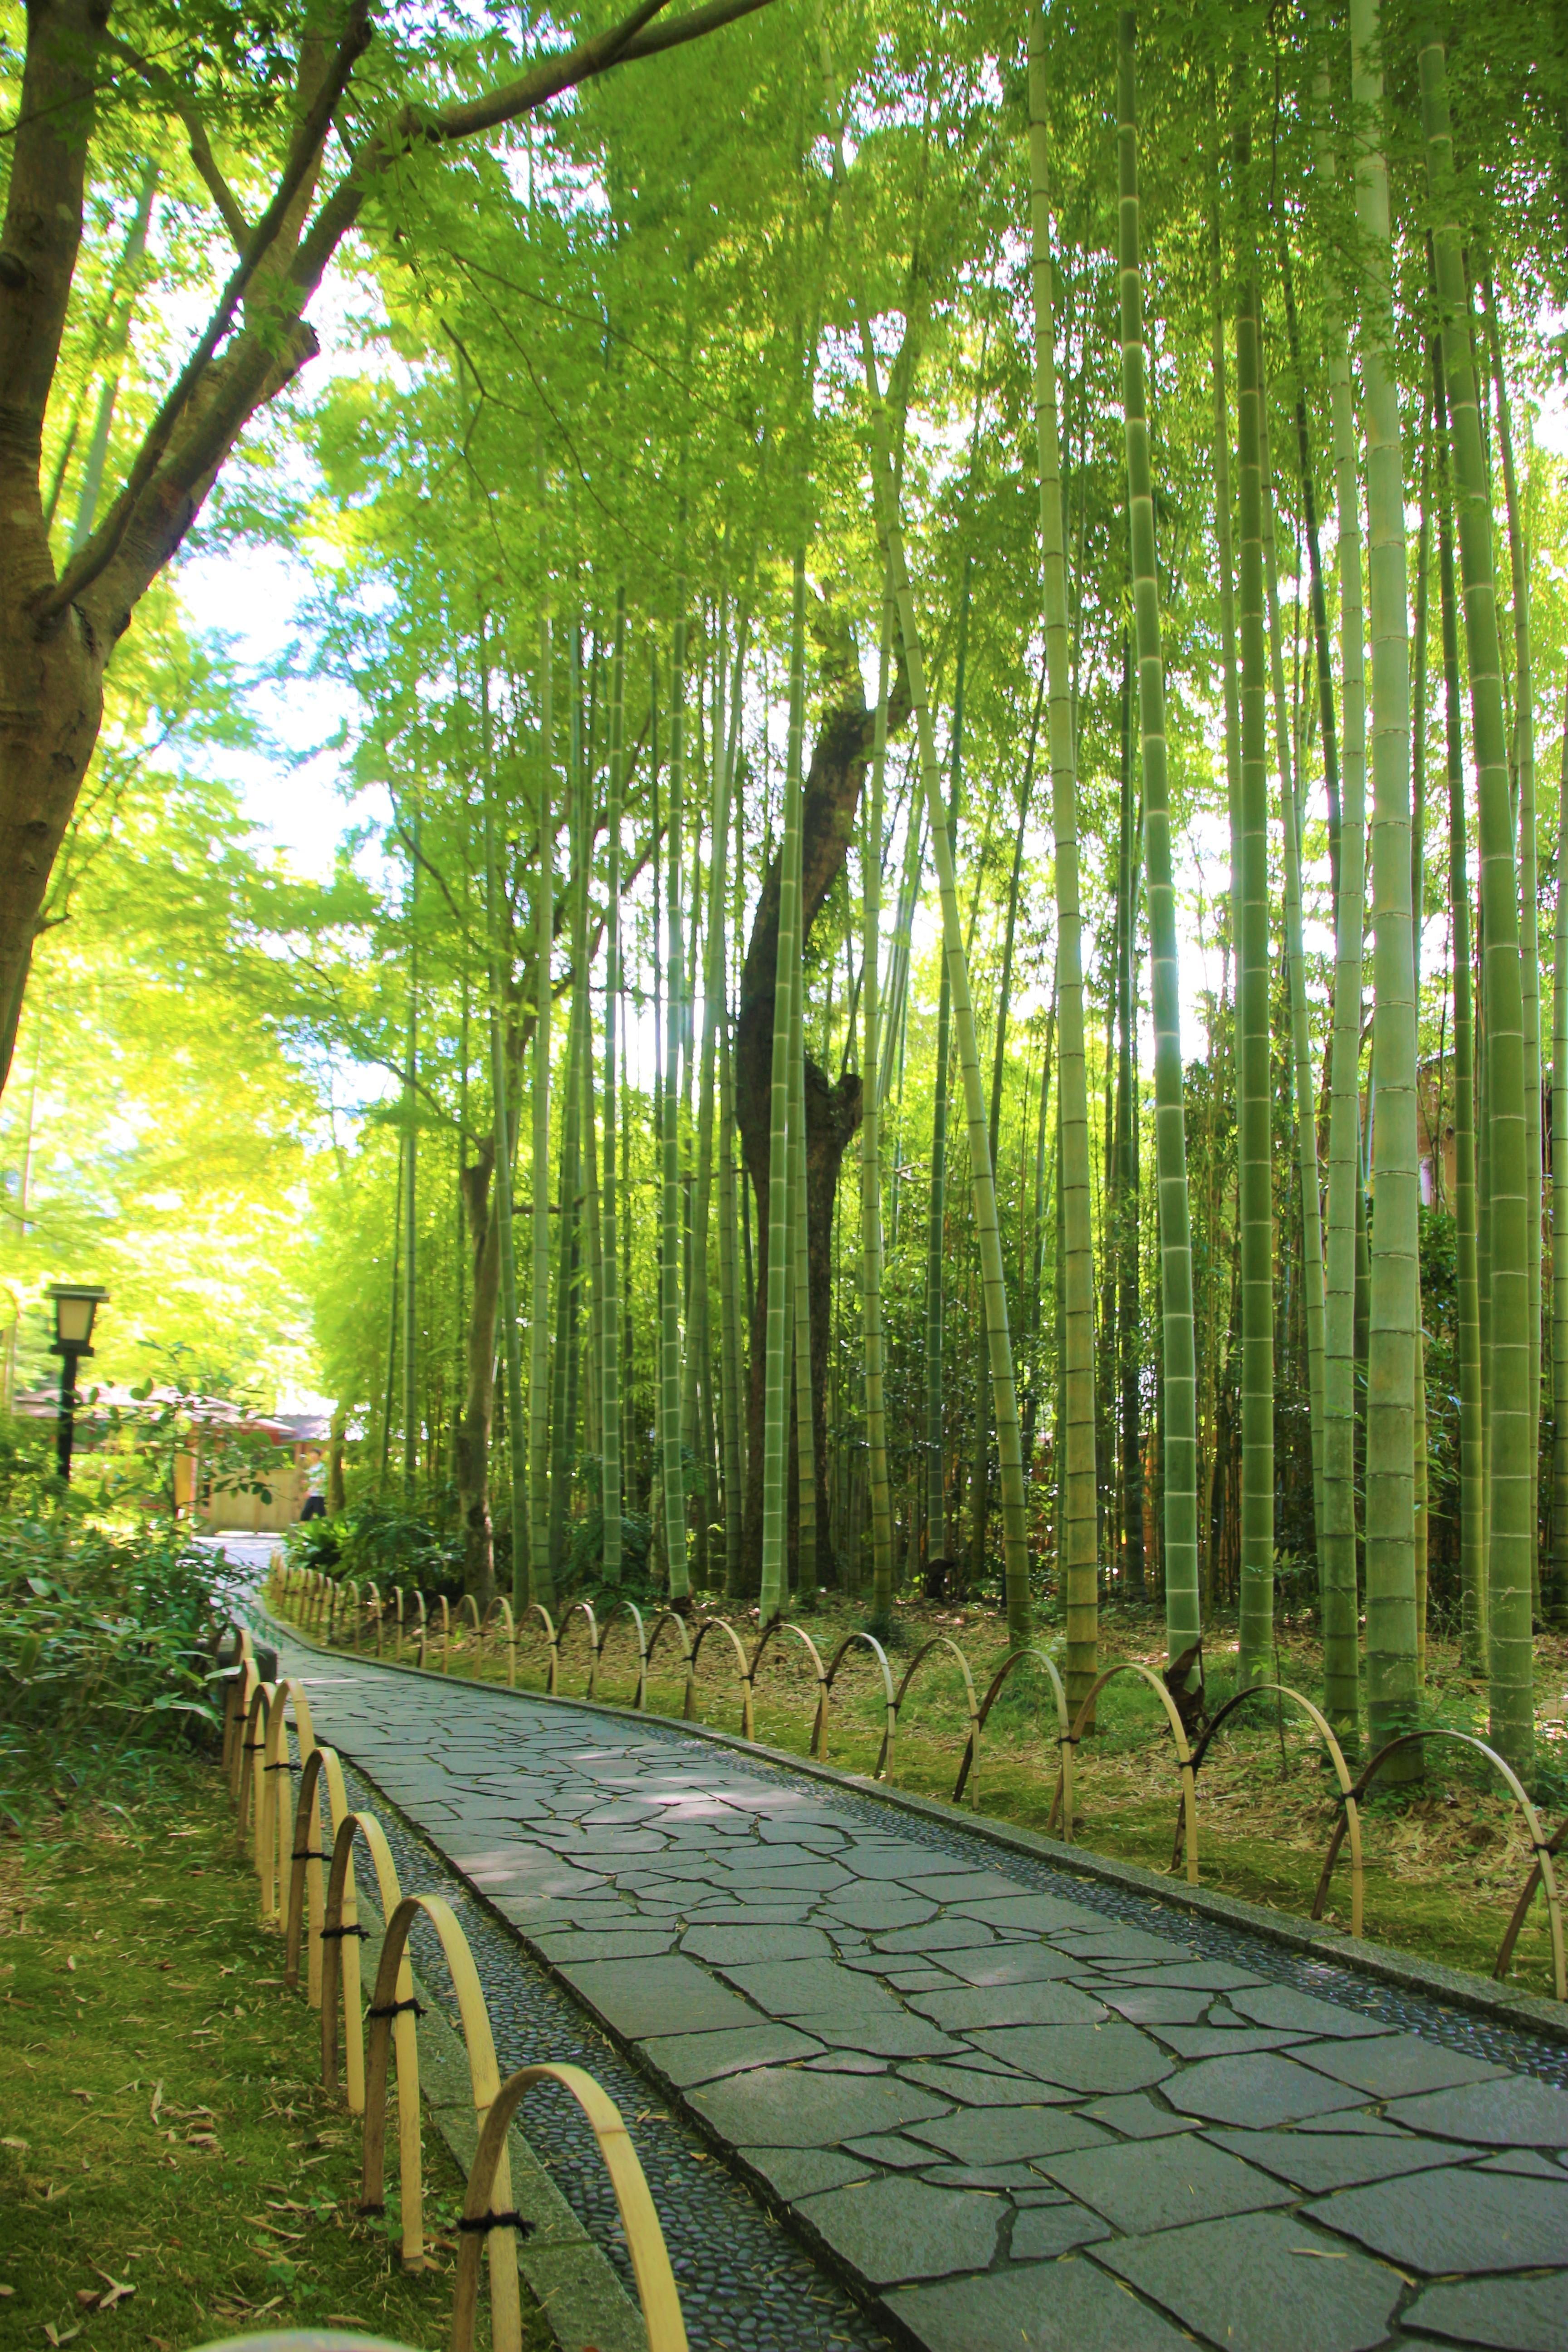 伊豆市は自然・歴史・文化が薫る魅力的なまち!人気の観光スポットを紹介!